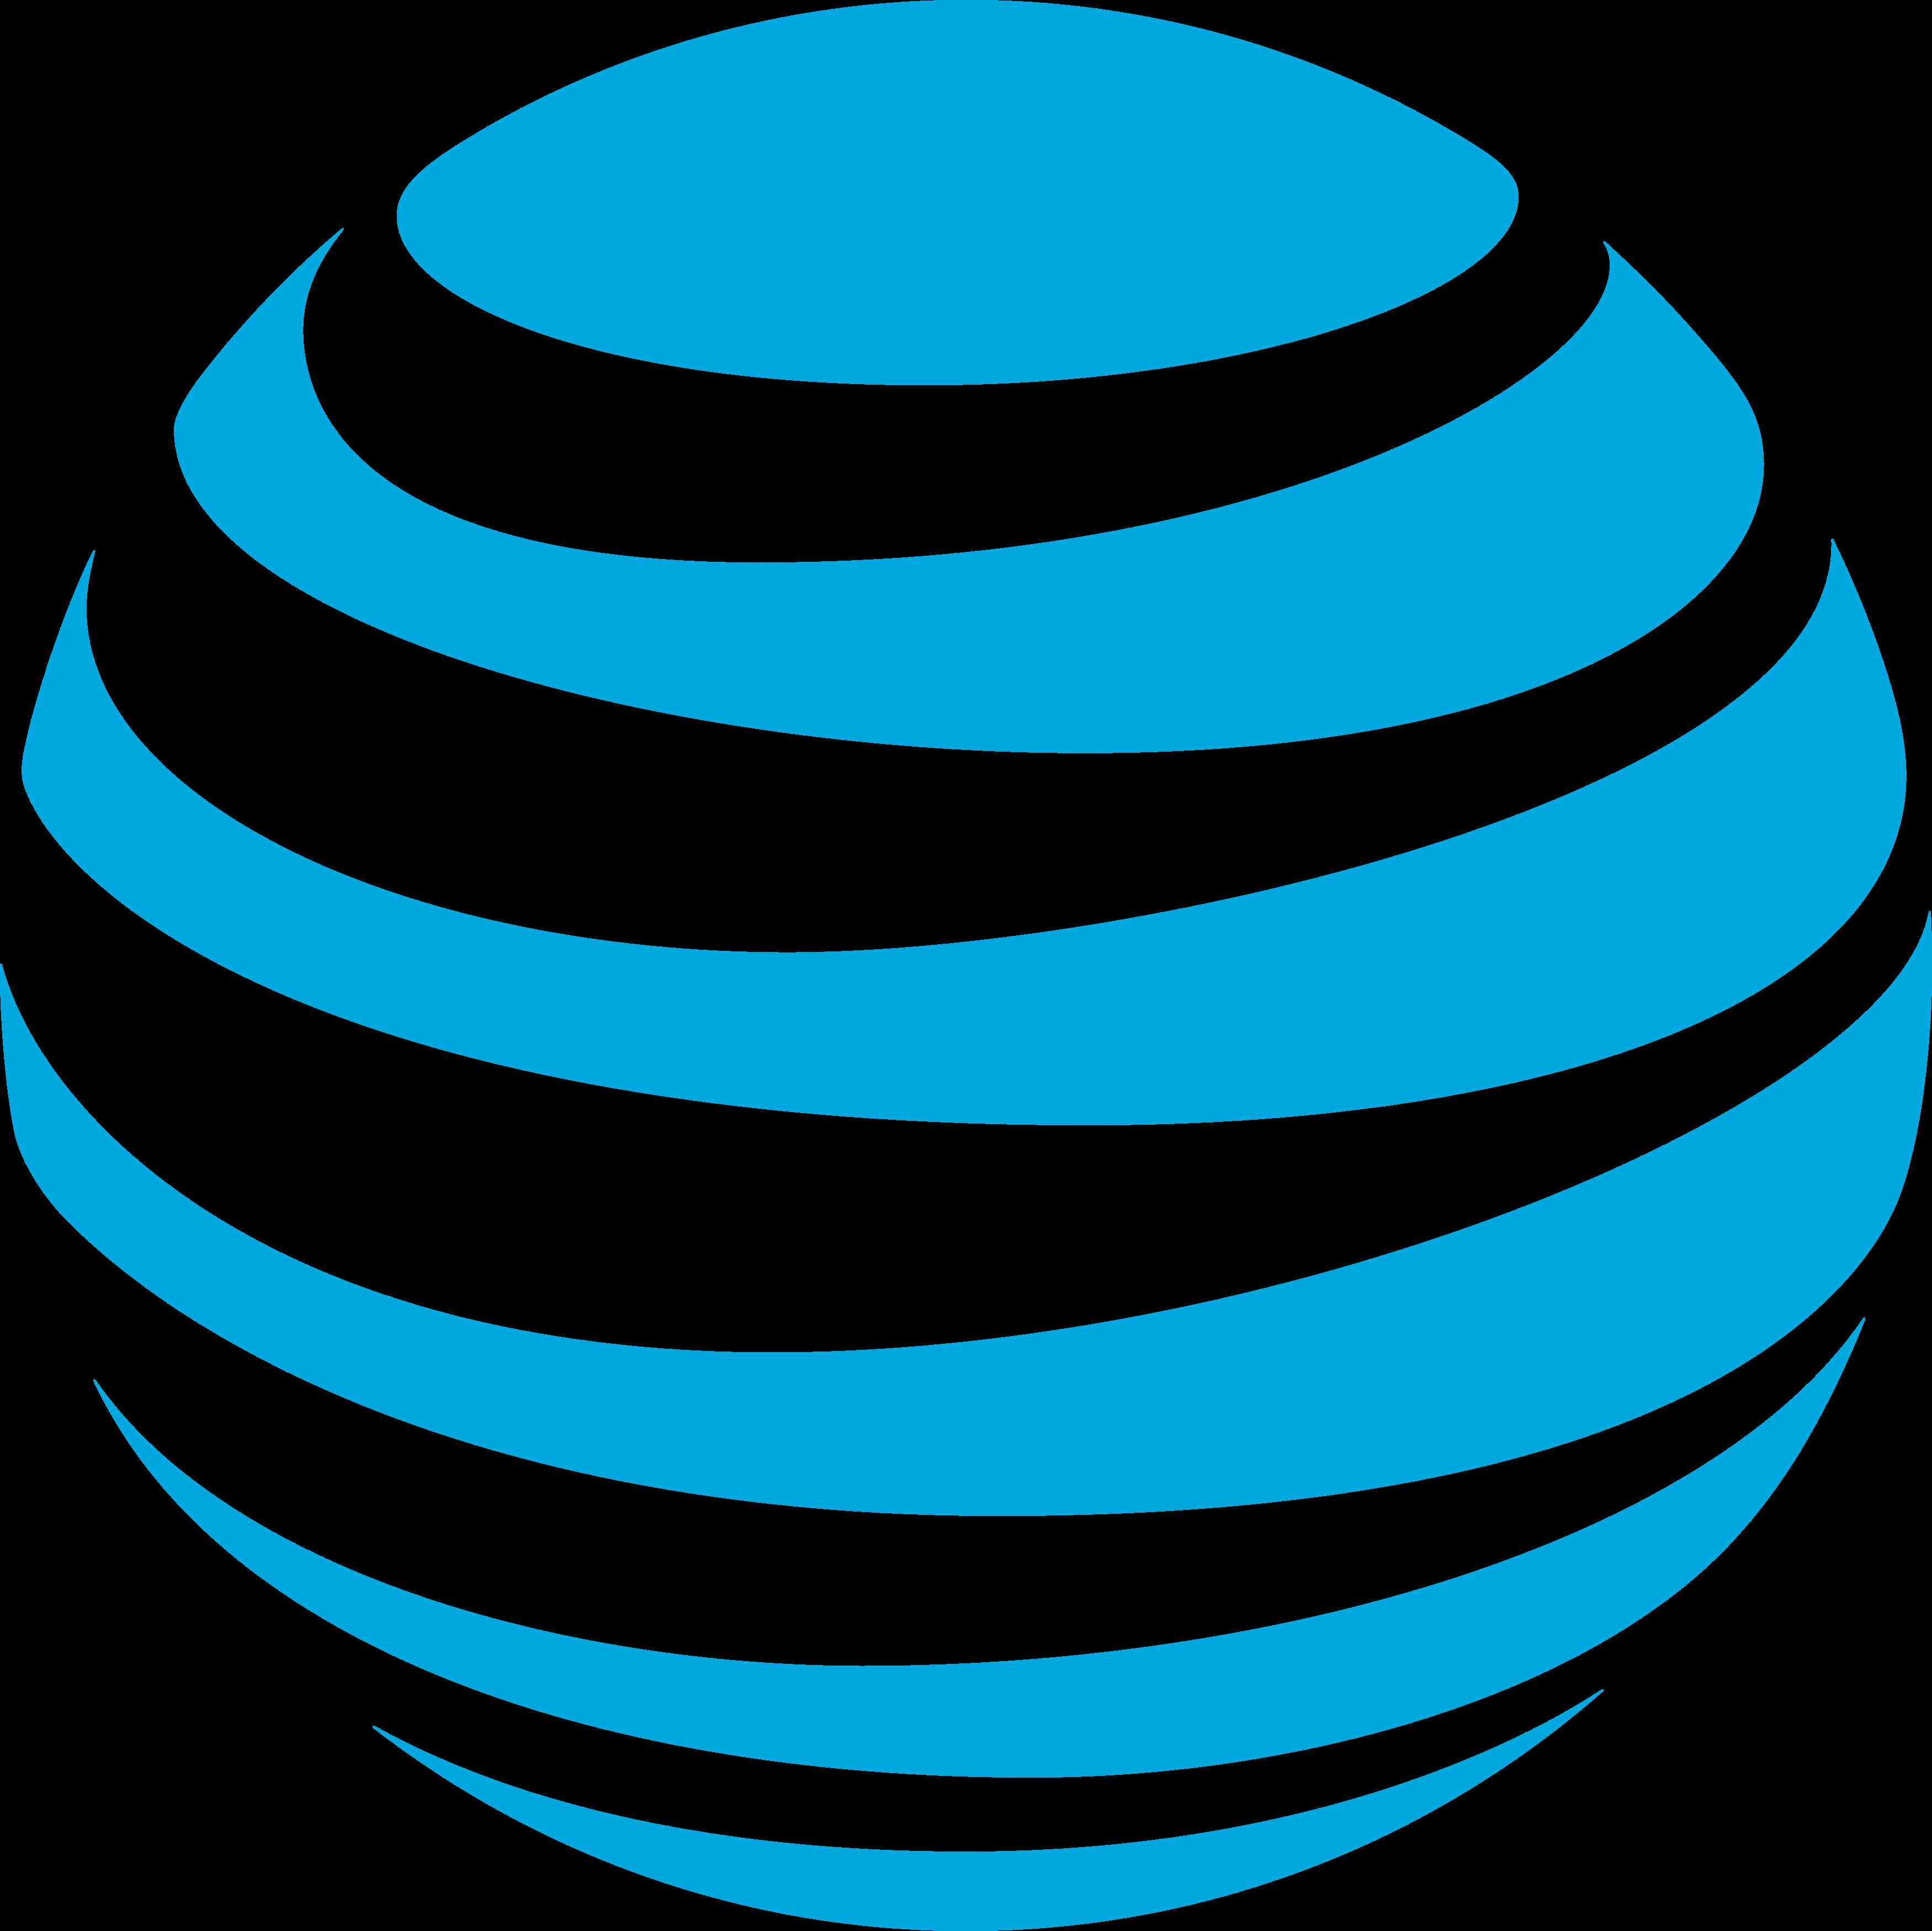 att logo 1 - AT&T Logo